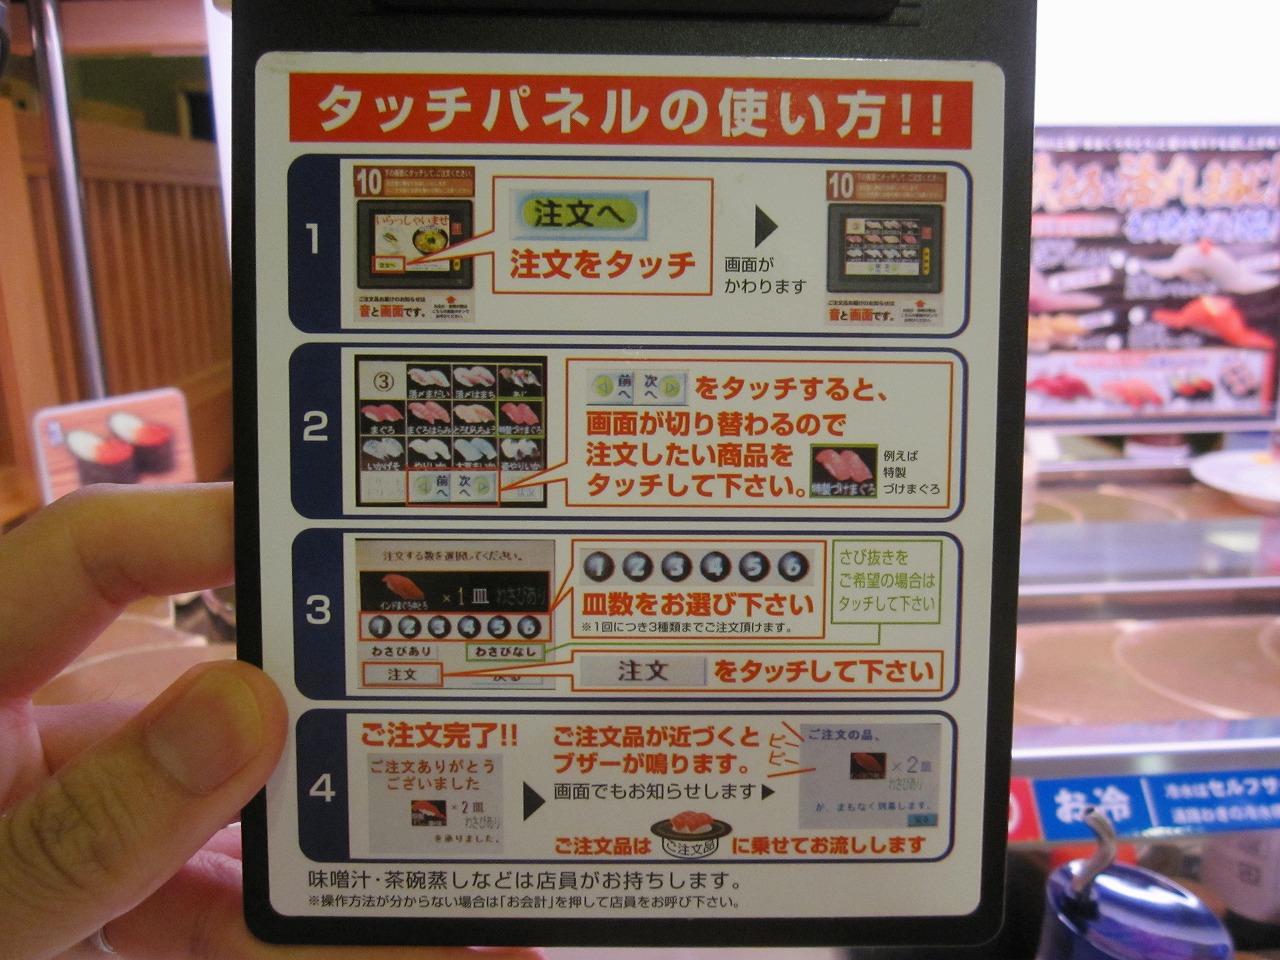 はま寿司 イオンモール大曲店